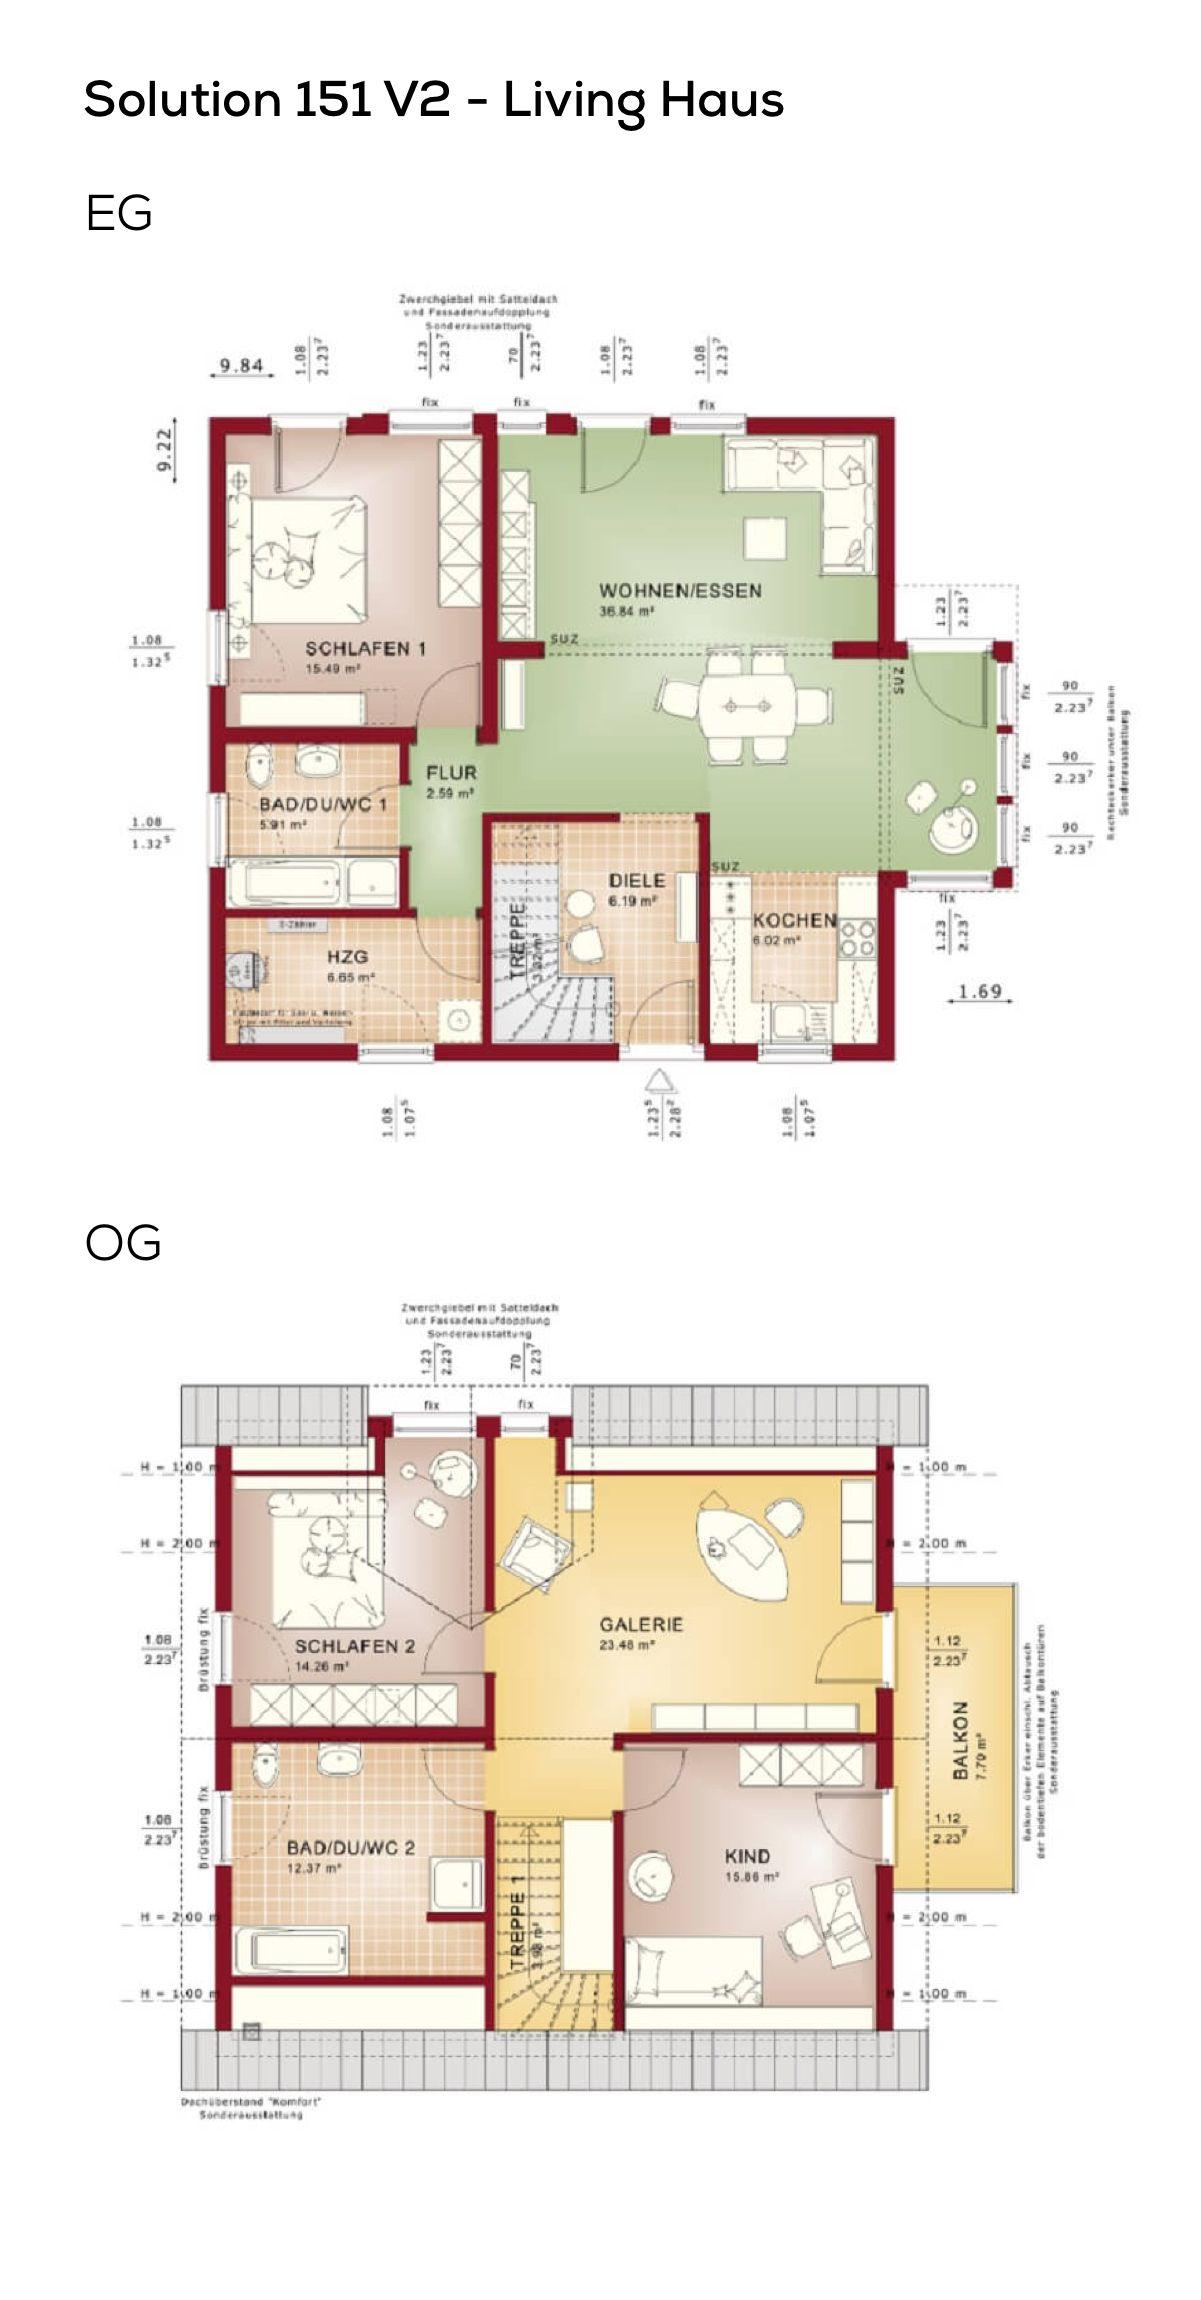 grundriss einfamilienhaus mit galerie 5 zimmer satteldach erdgeschoss offen mit wohnk che. Black Bedroom Furniture Sets. Home Design Ideas